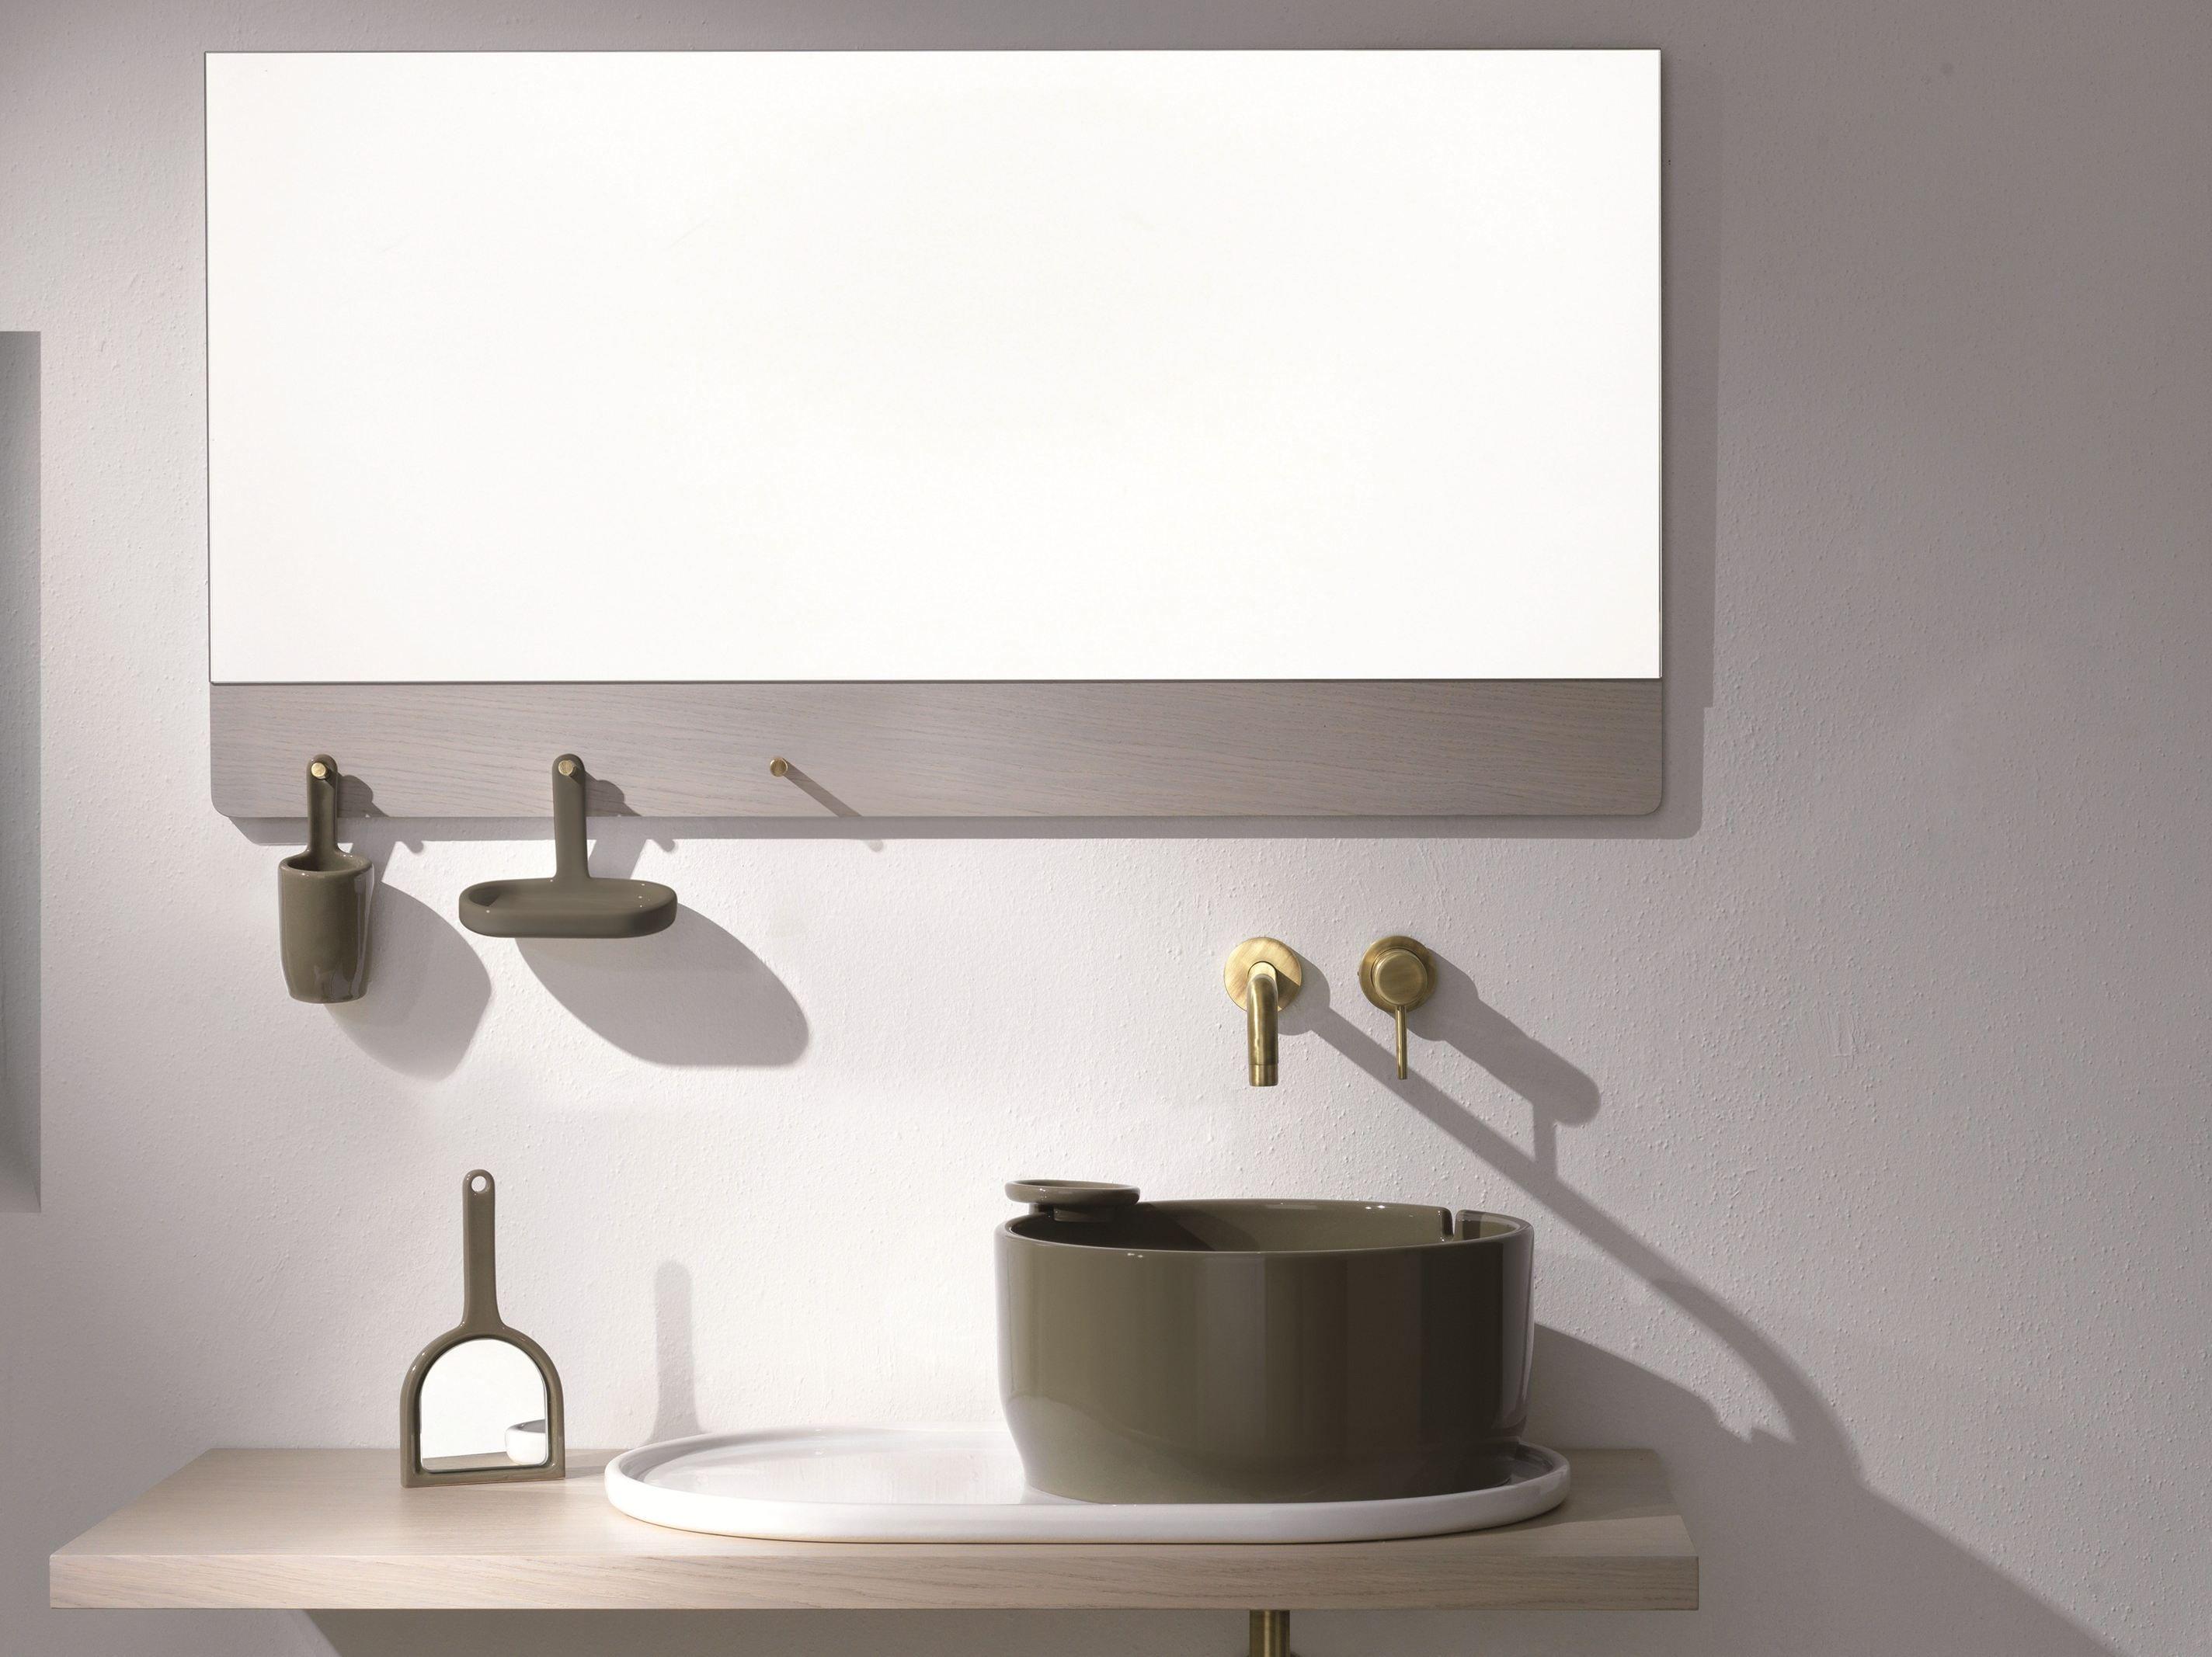 Specchio per bagno ukiyo e specchio per bagno - Specchio ovale per bagno ...